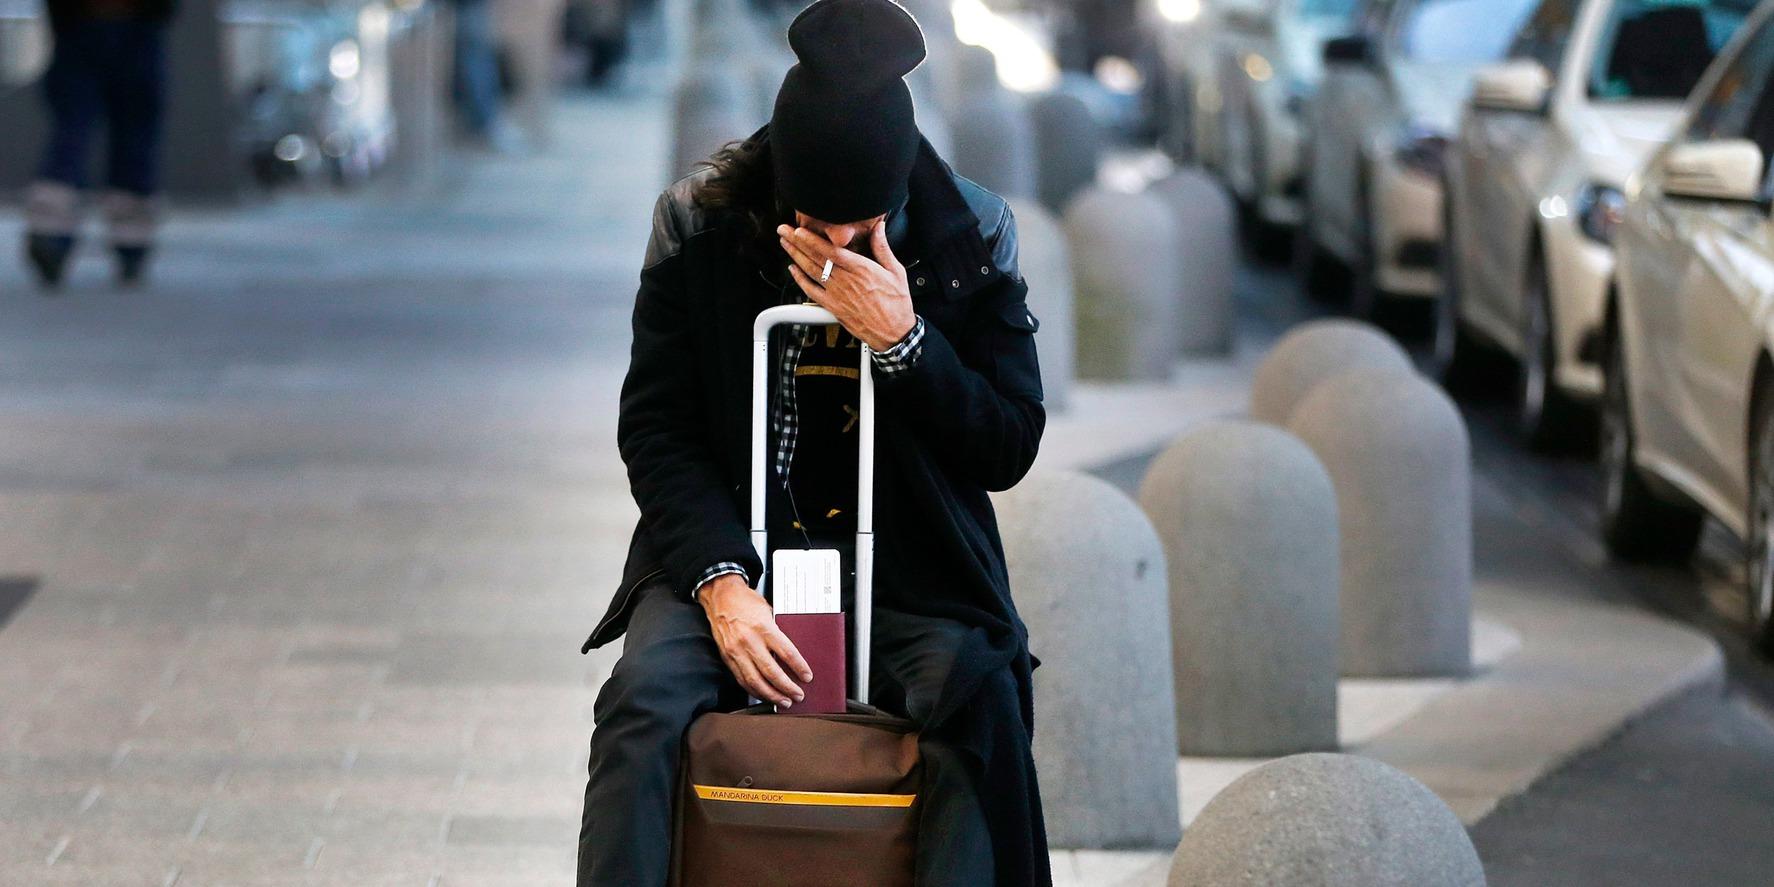 Frankfurt, 2016. november 23. Egy utas várakozik a frankfurti repülőtér utascsarnoka előtt 2016. november 23-án, miután a Lufthansa német légitársaság pilótái megkezdték kétnapos sztrájkjukat. A bérvita miatt meghirdetett munkabeszüntetés következtében 876 járatot töröltek, és ez mintegy 100 ezer utast érint. (MTI/AP/Michael Probst)